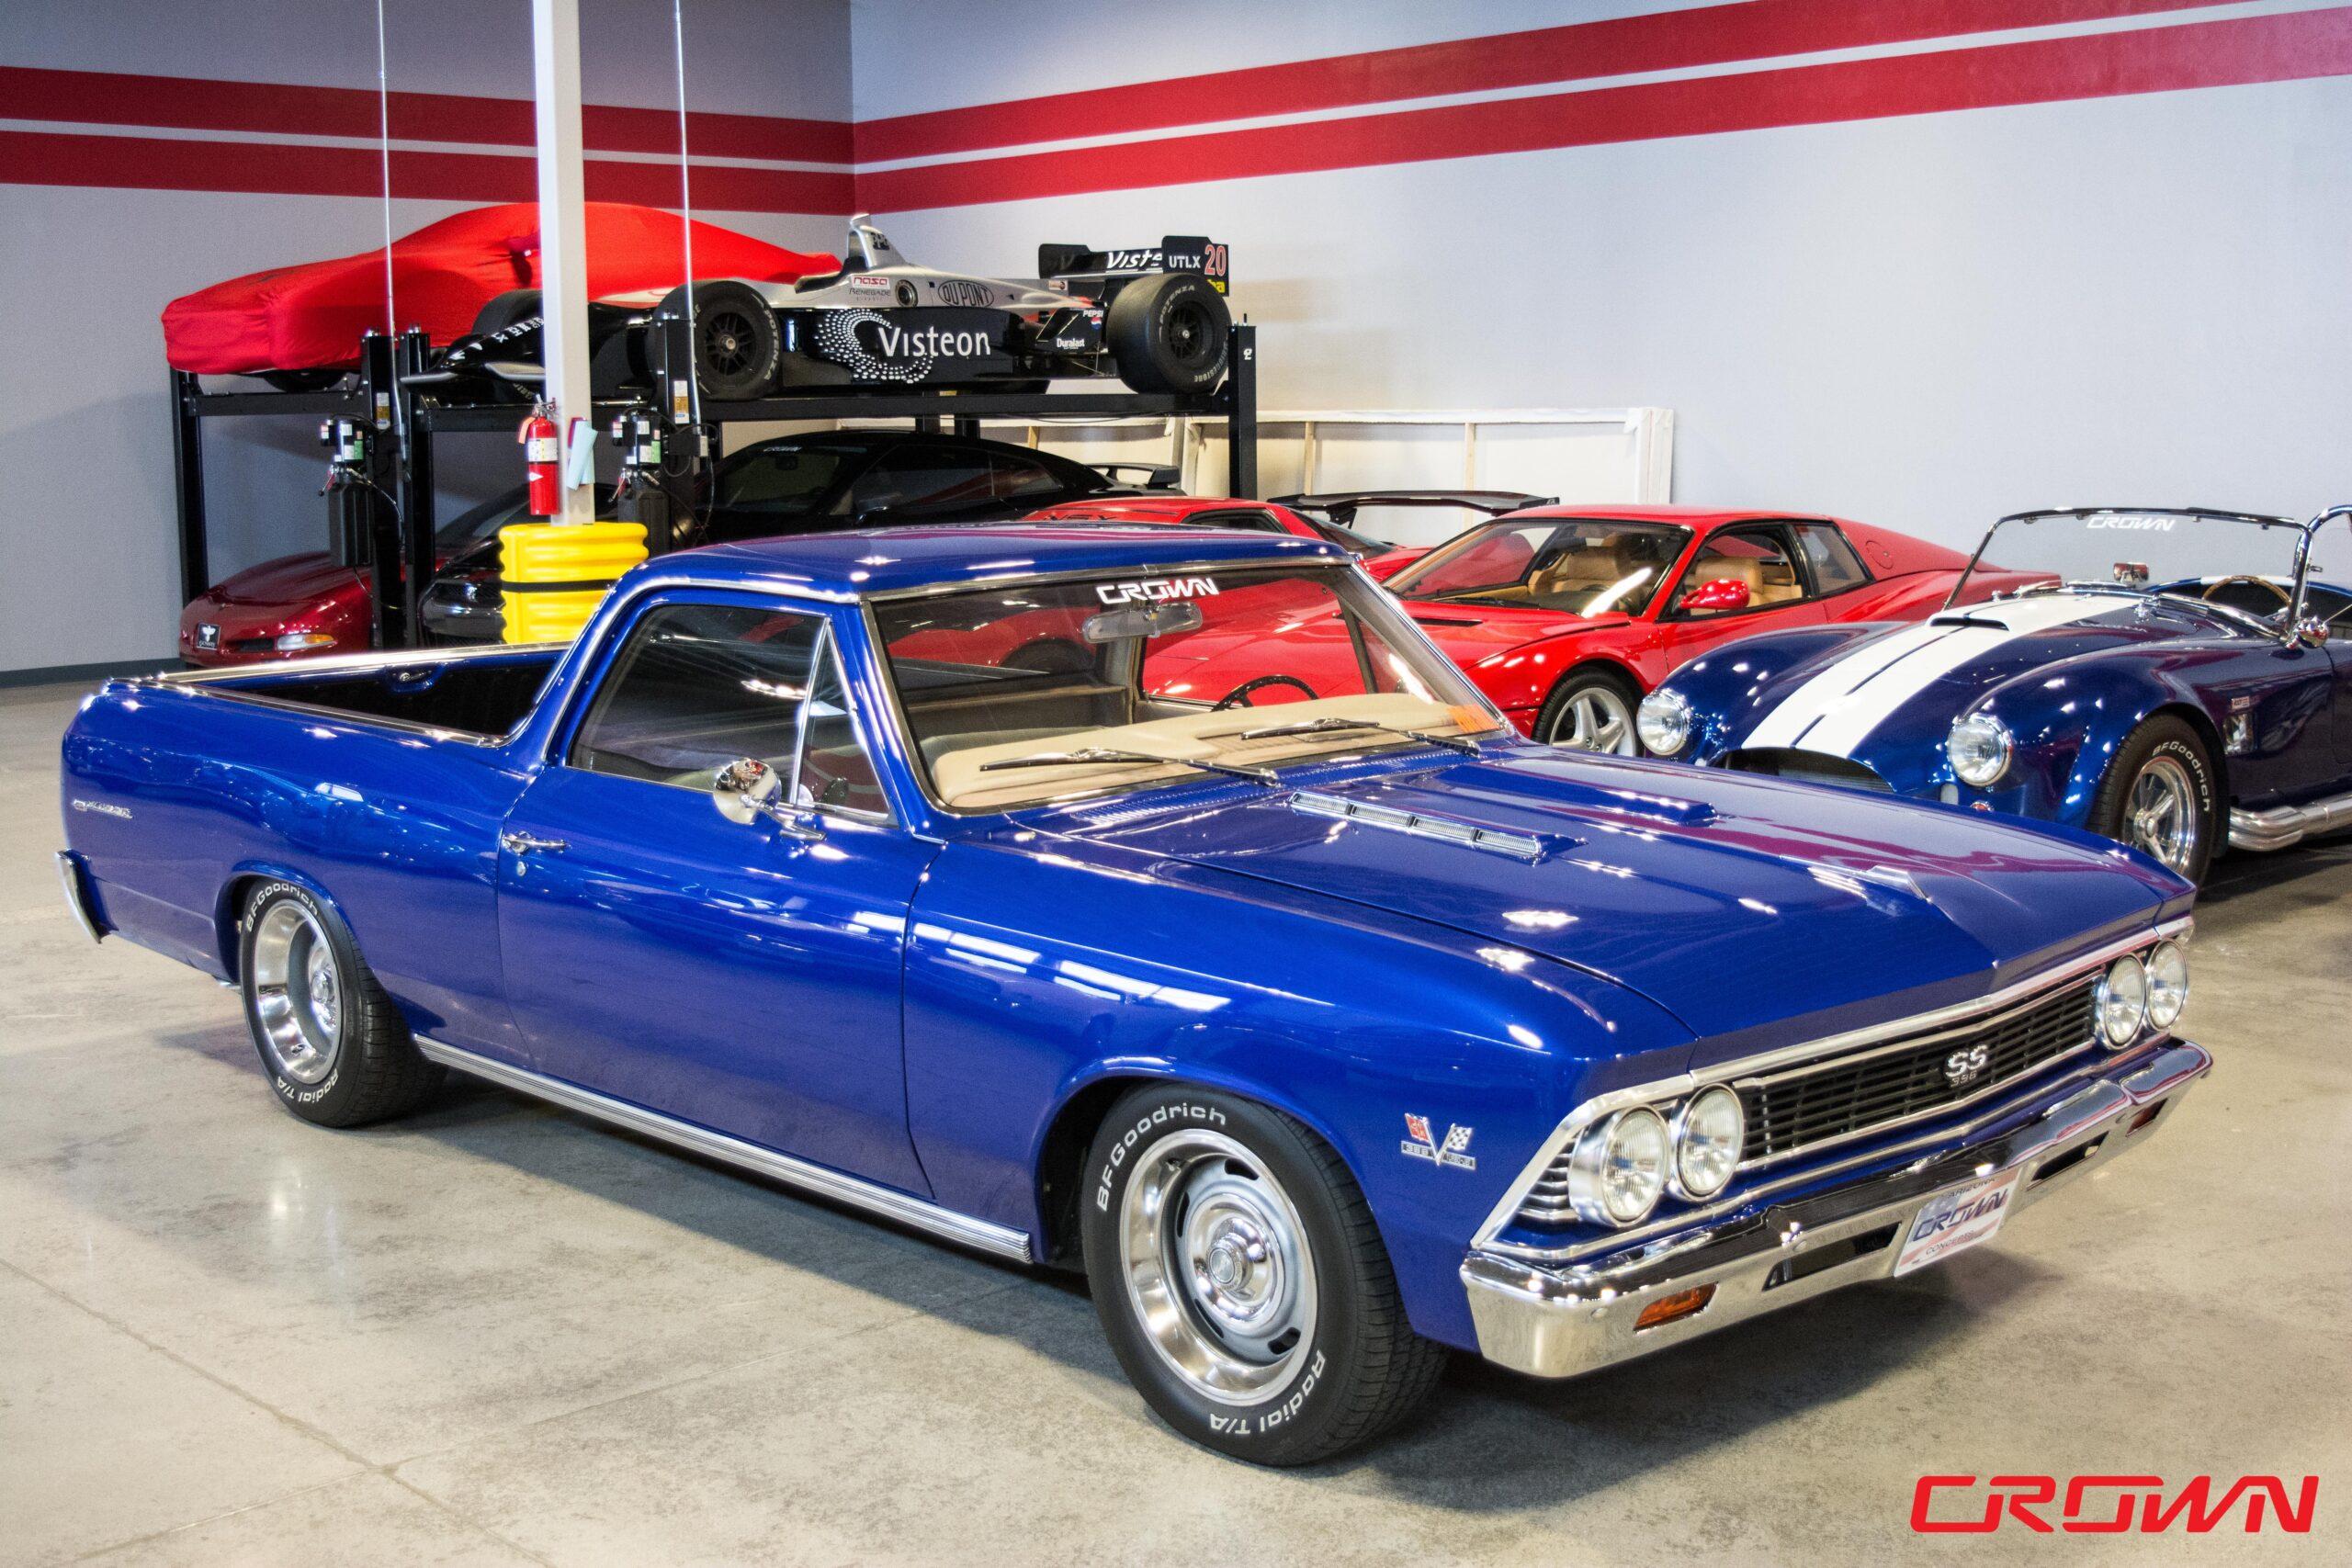 1966 Chevrolet El Camino Blue Crown Concepts